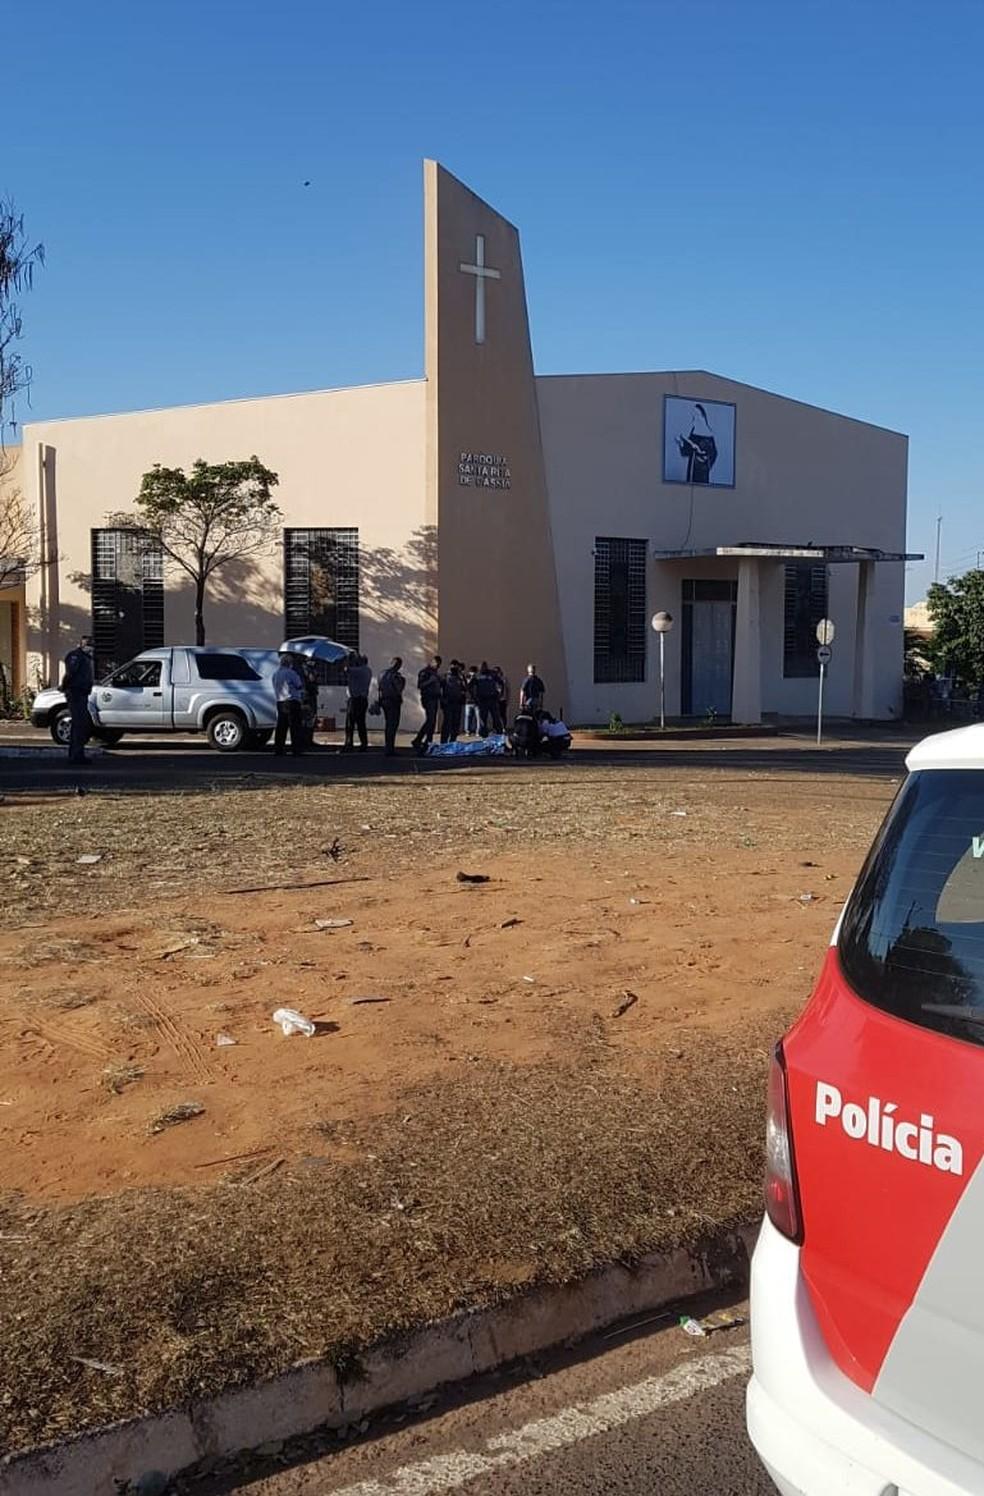 Homem, de 27 anos, foi morto a tiros na tarde deste domingo (25) em Marília (SP) por atual companheiro da ex-mulher — Foto: Marília Notícias/ Divulgação